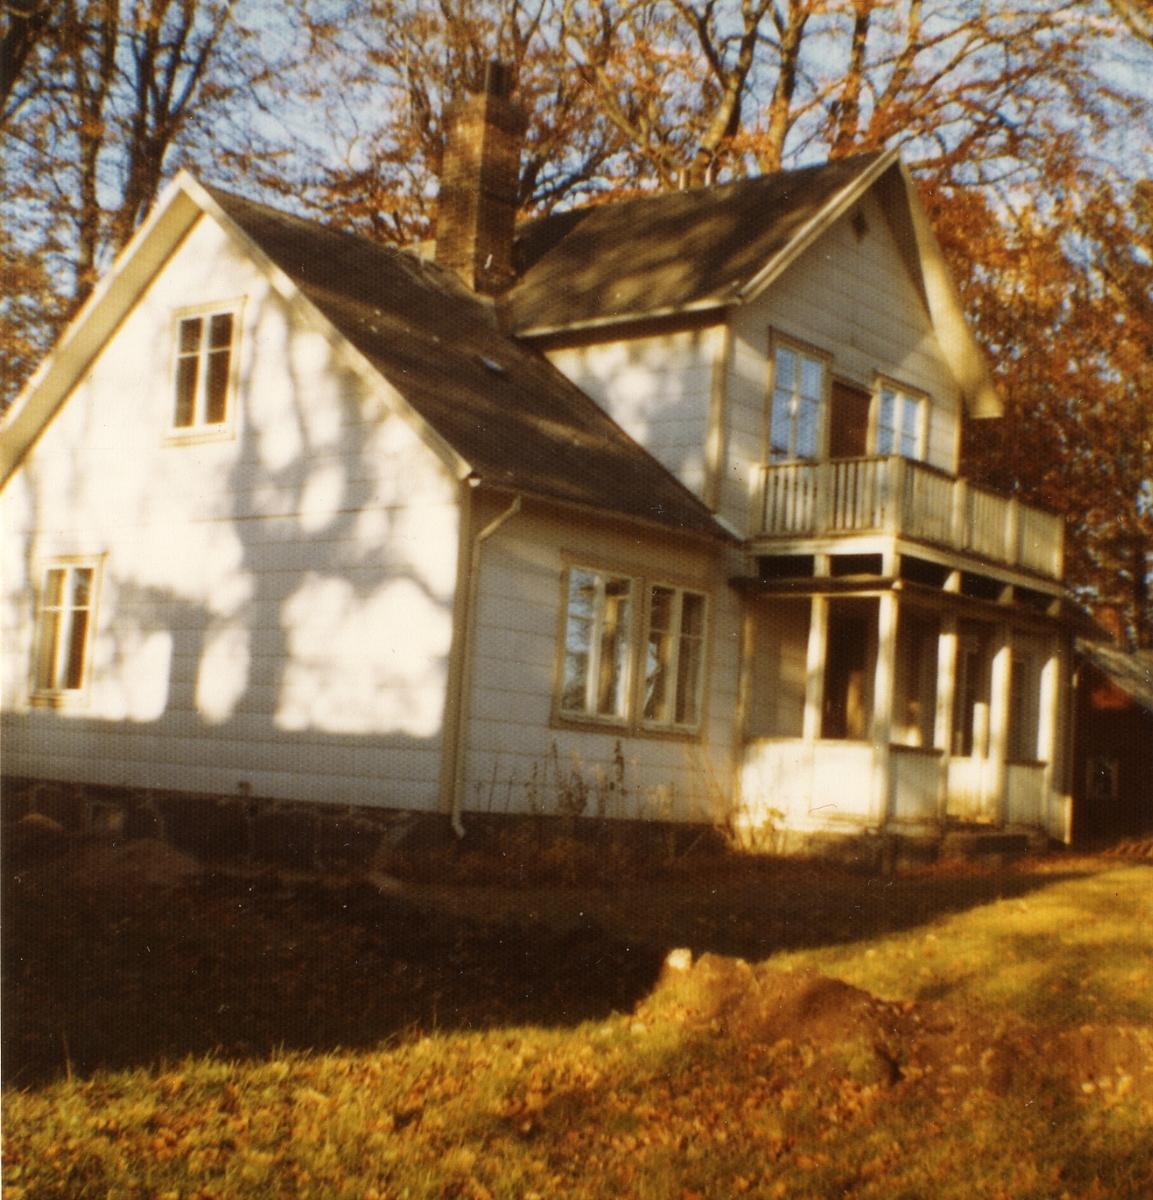 Poststationen Sjöholmen var inrymd i detta hus från den 1 augusti 1918 till 1 november 1933.